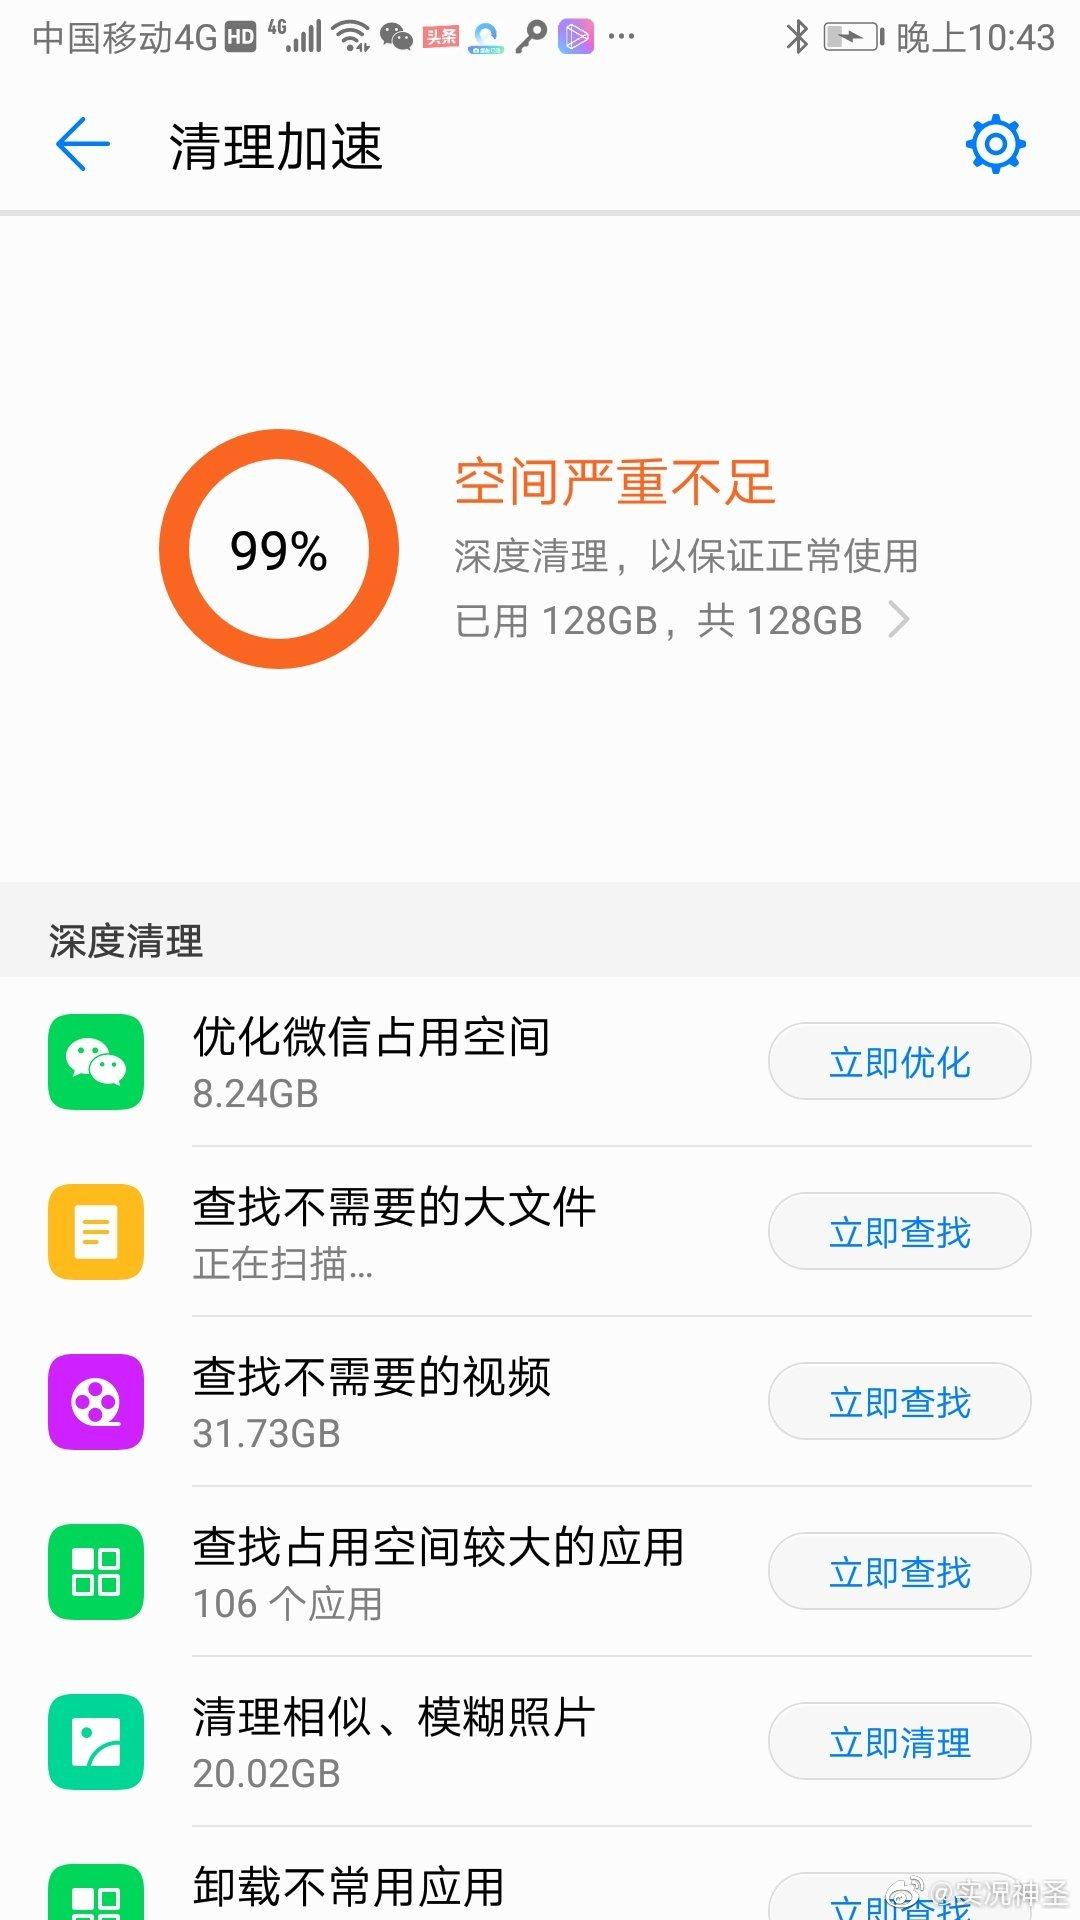 我已经换了华为的512内存5g的支持民族品牌